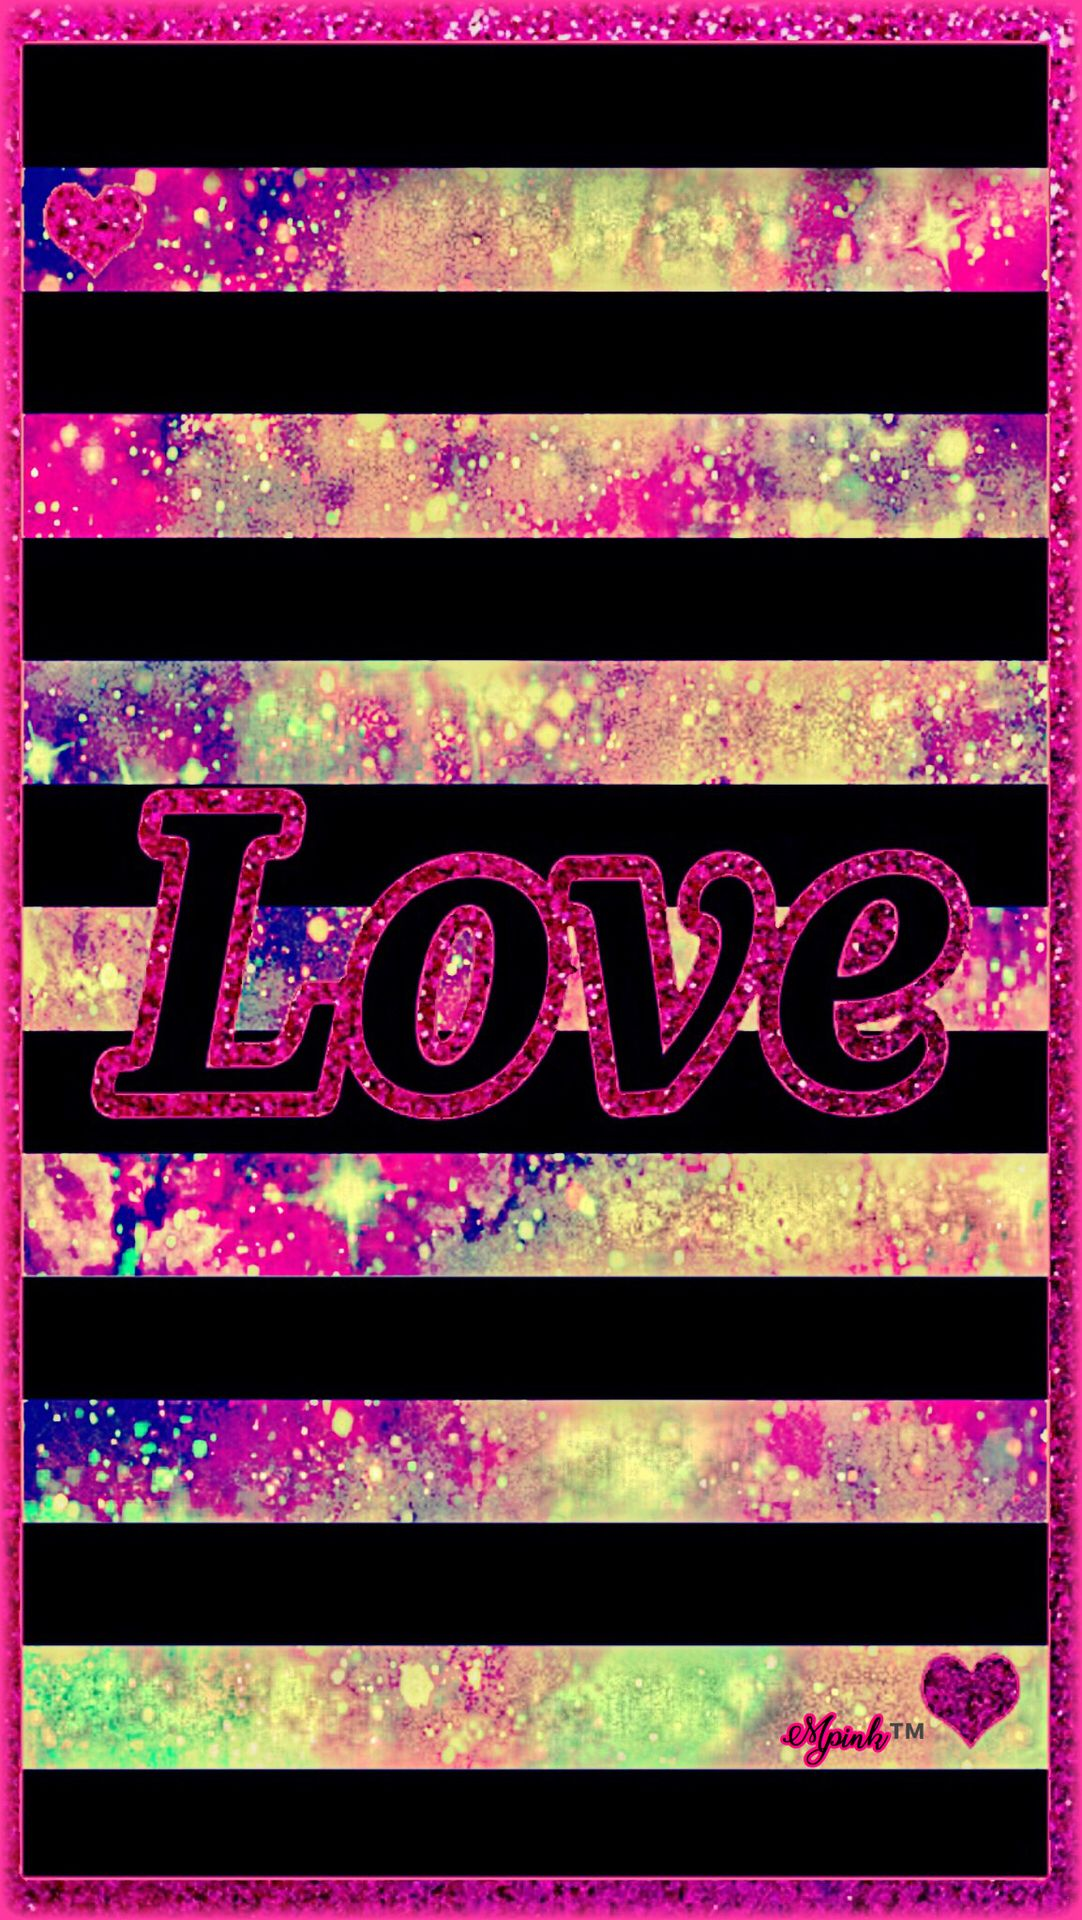 Love Galaxy Wallpaper Androidwallpaper Iphonewallpaper Sparkle Glitter